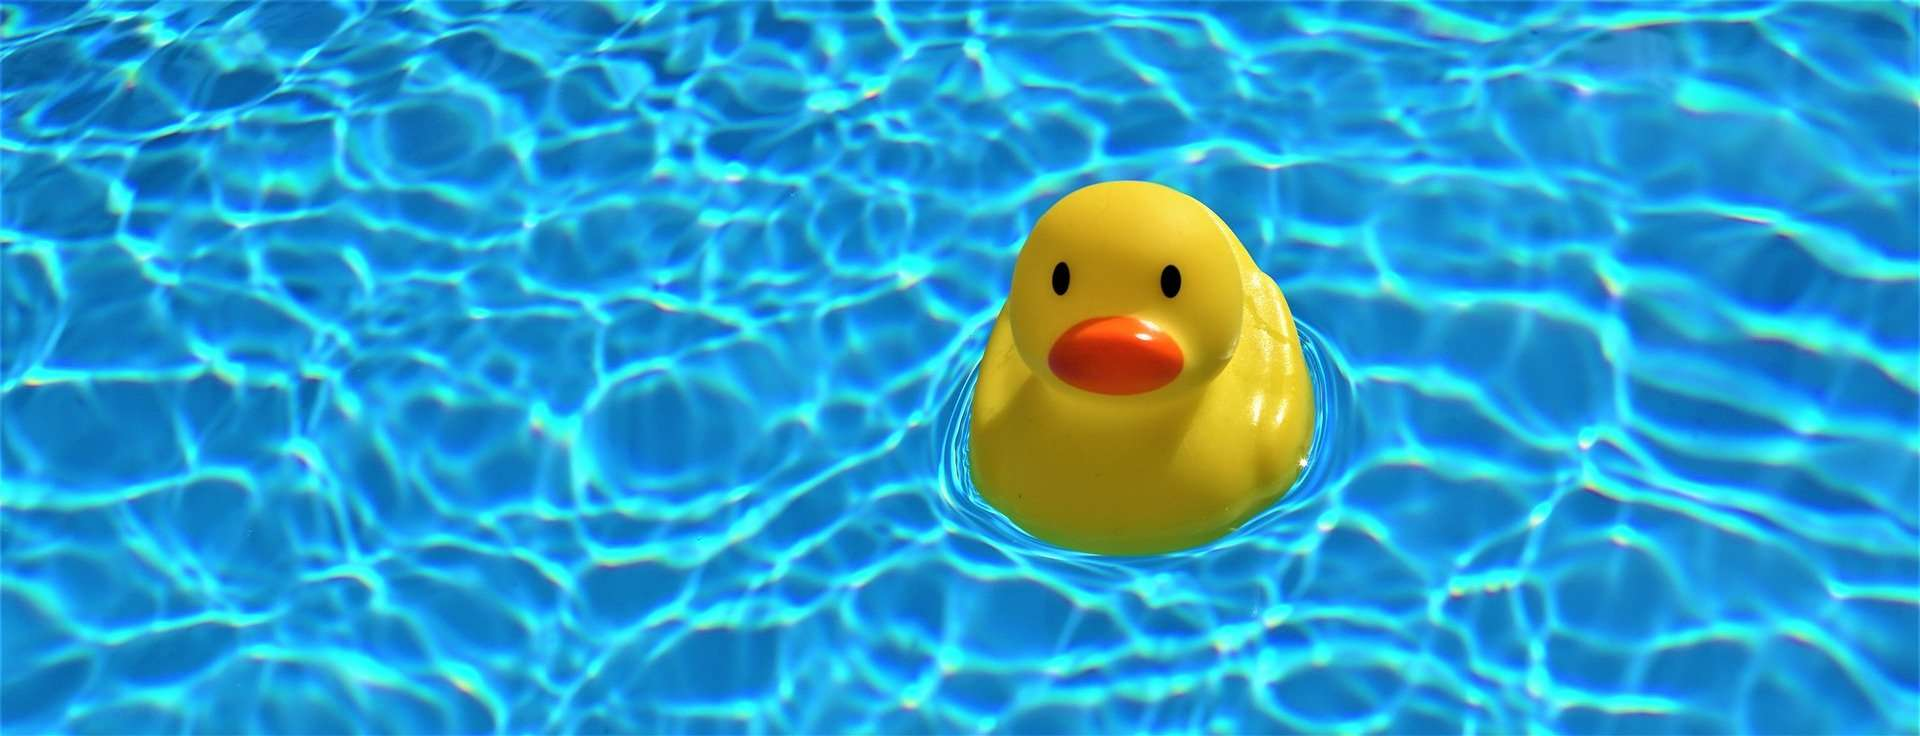 Milchiges Poolwasser